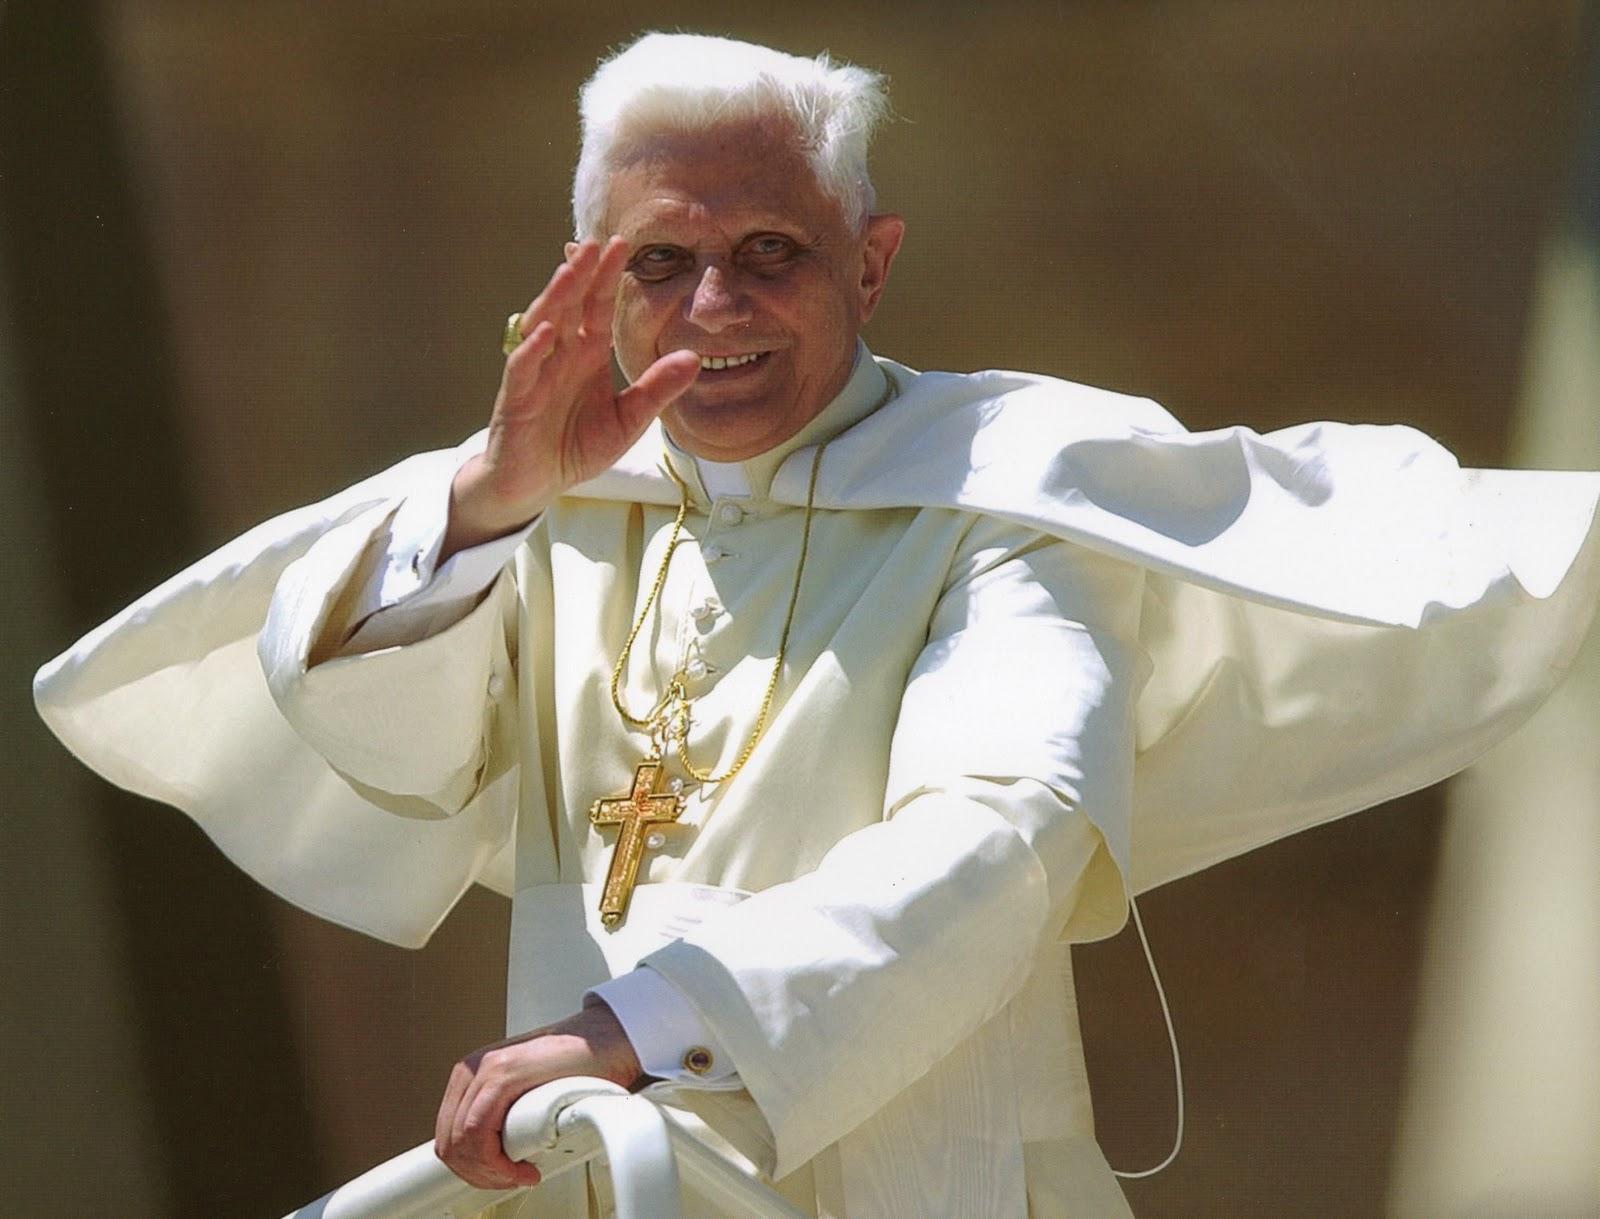 Prete pedofilo, Ratzinger sapeva ma non denunciò i fatti